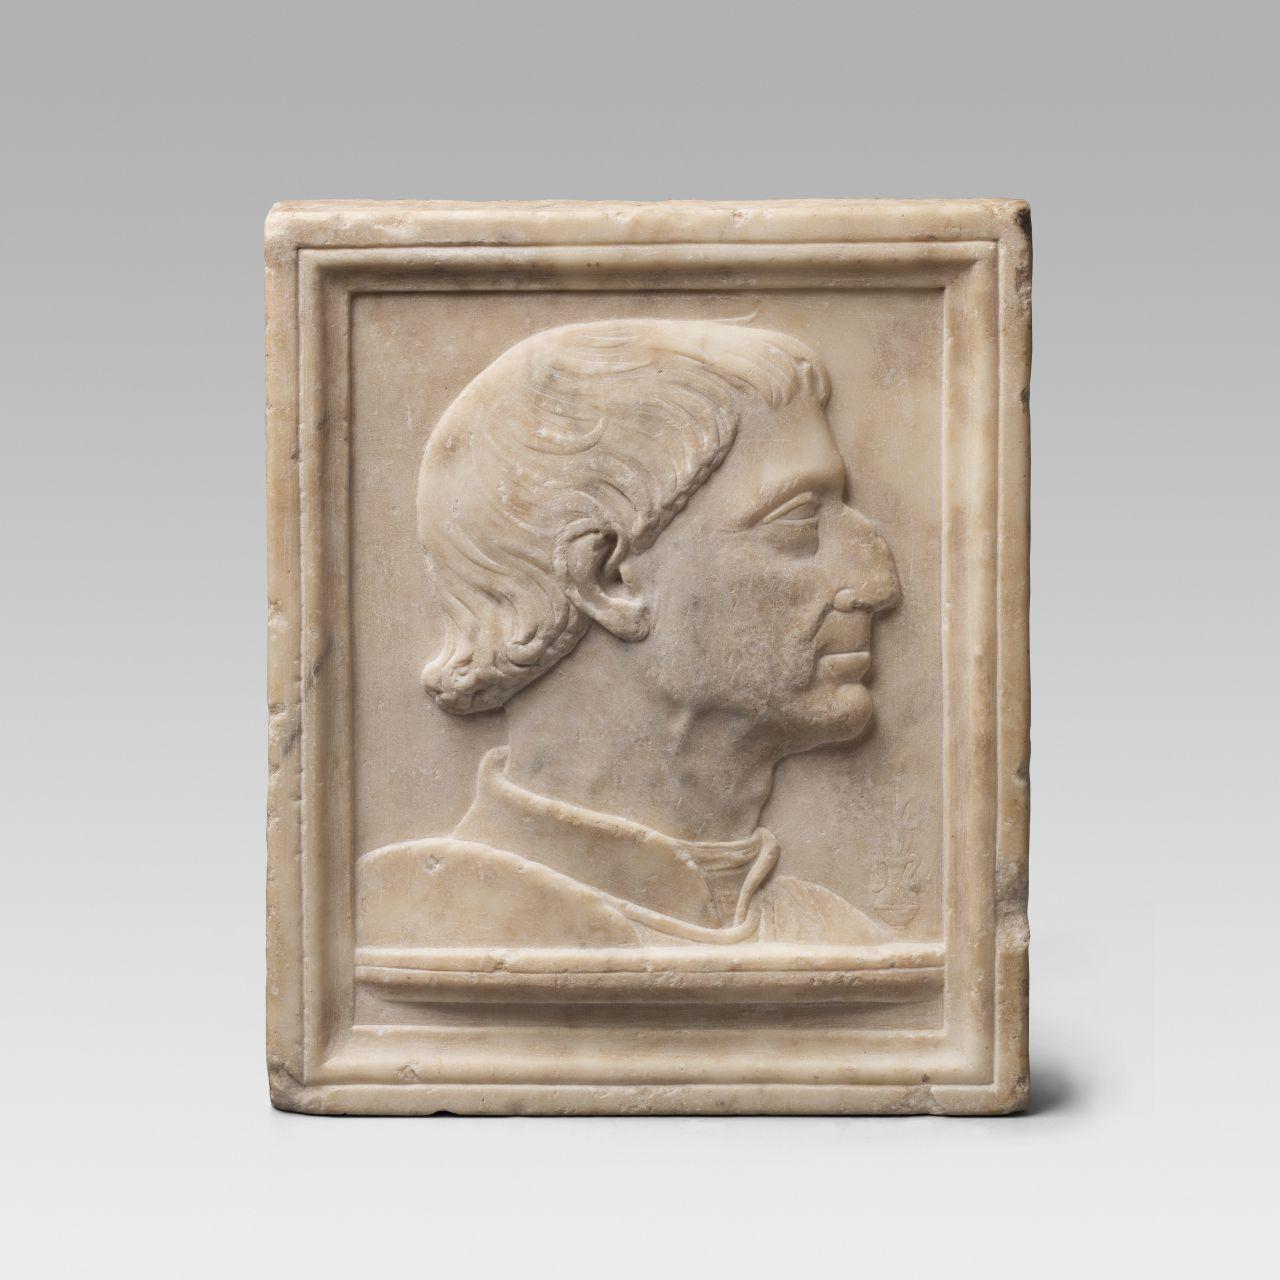 Retrat del rei Alfons IV el Magnànim, Atribuit a Isaia Ganti da Pisa